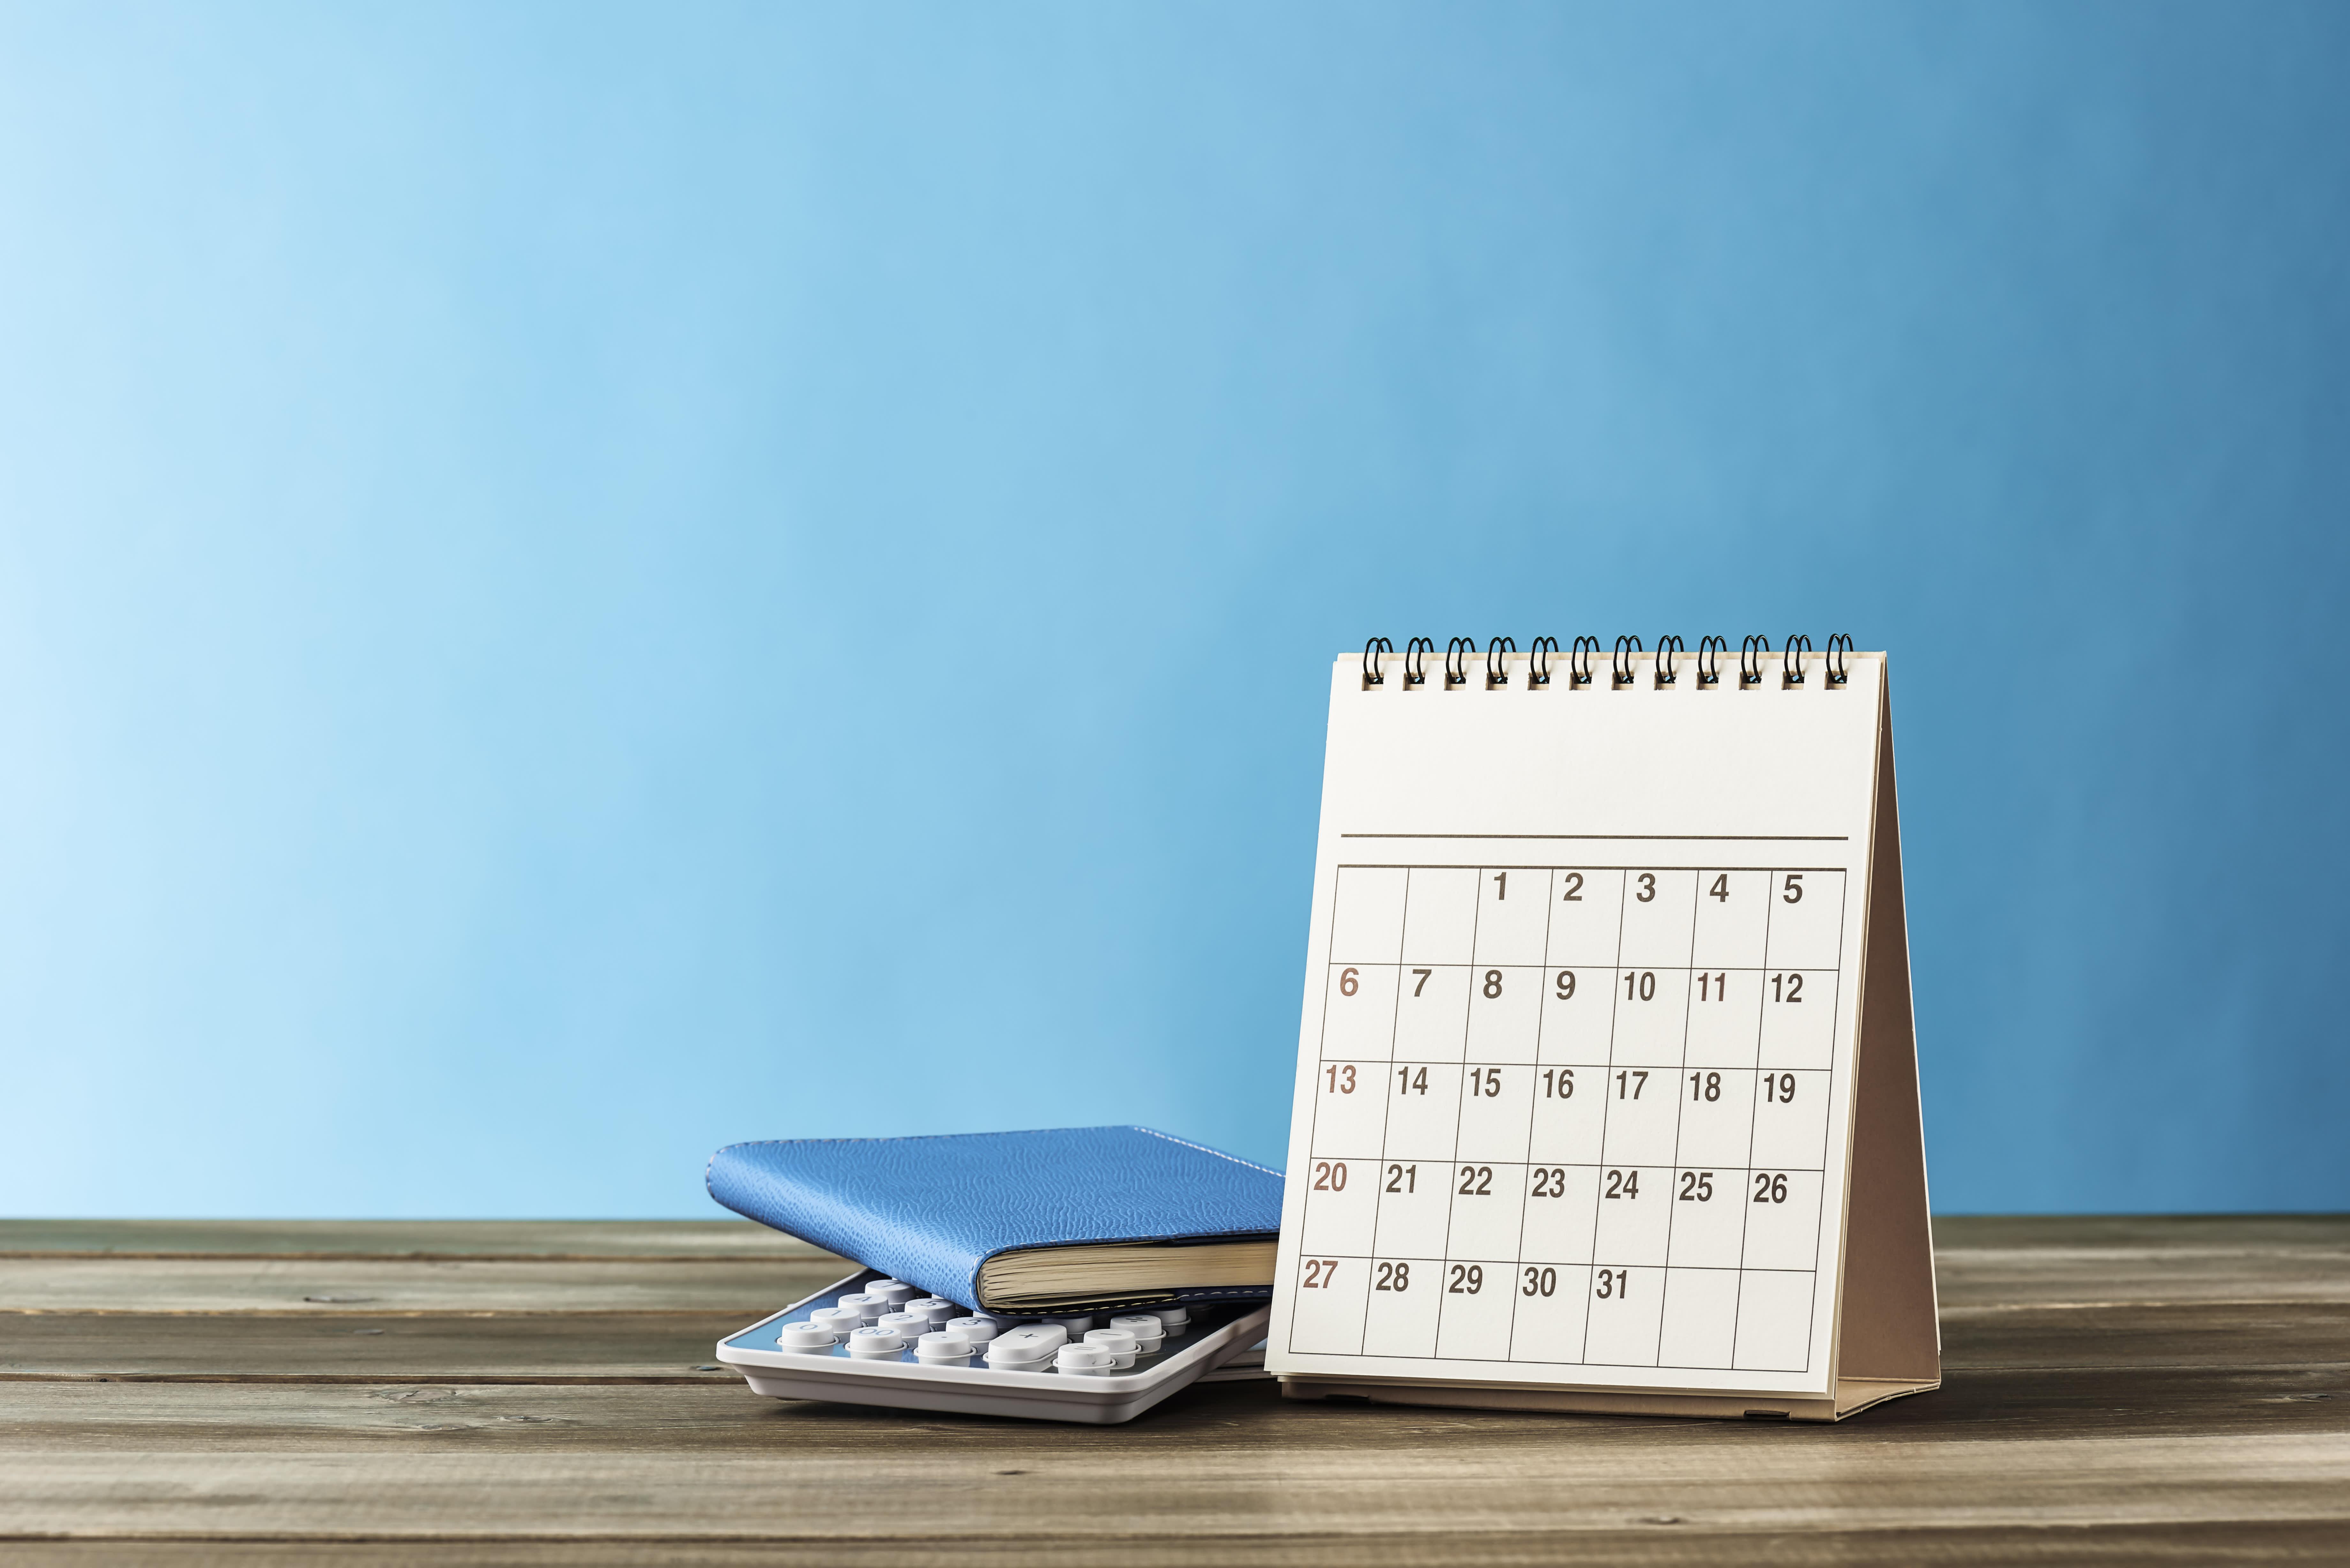 Chase 5 Cash Back Calendar 2021 Chase Freedom 5% Cash Back Categories: 2020 Calendar